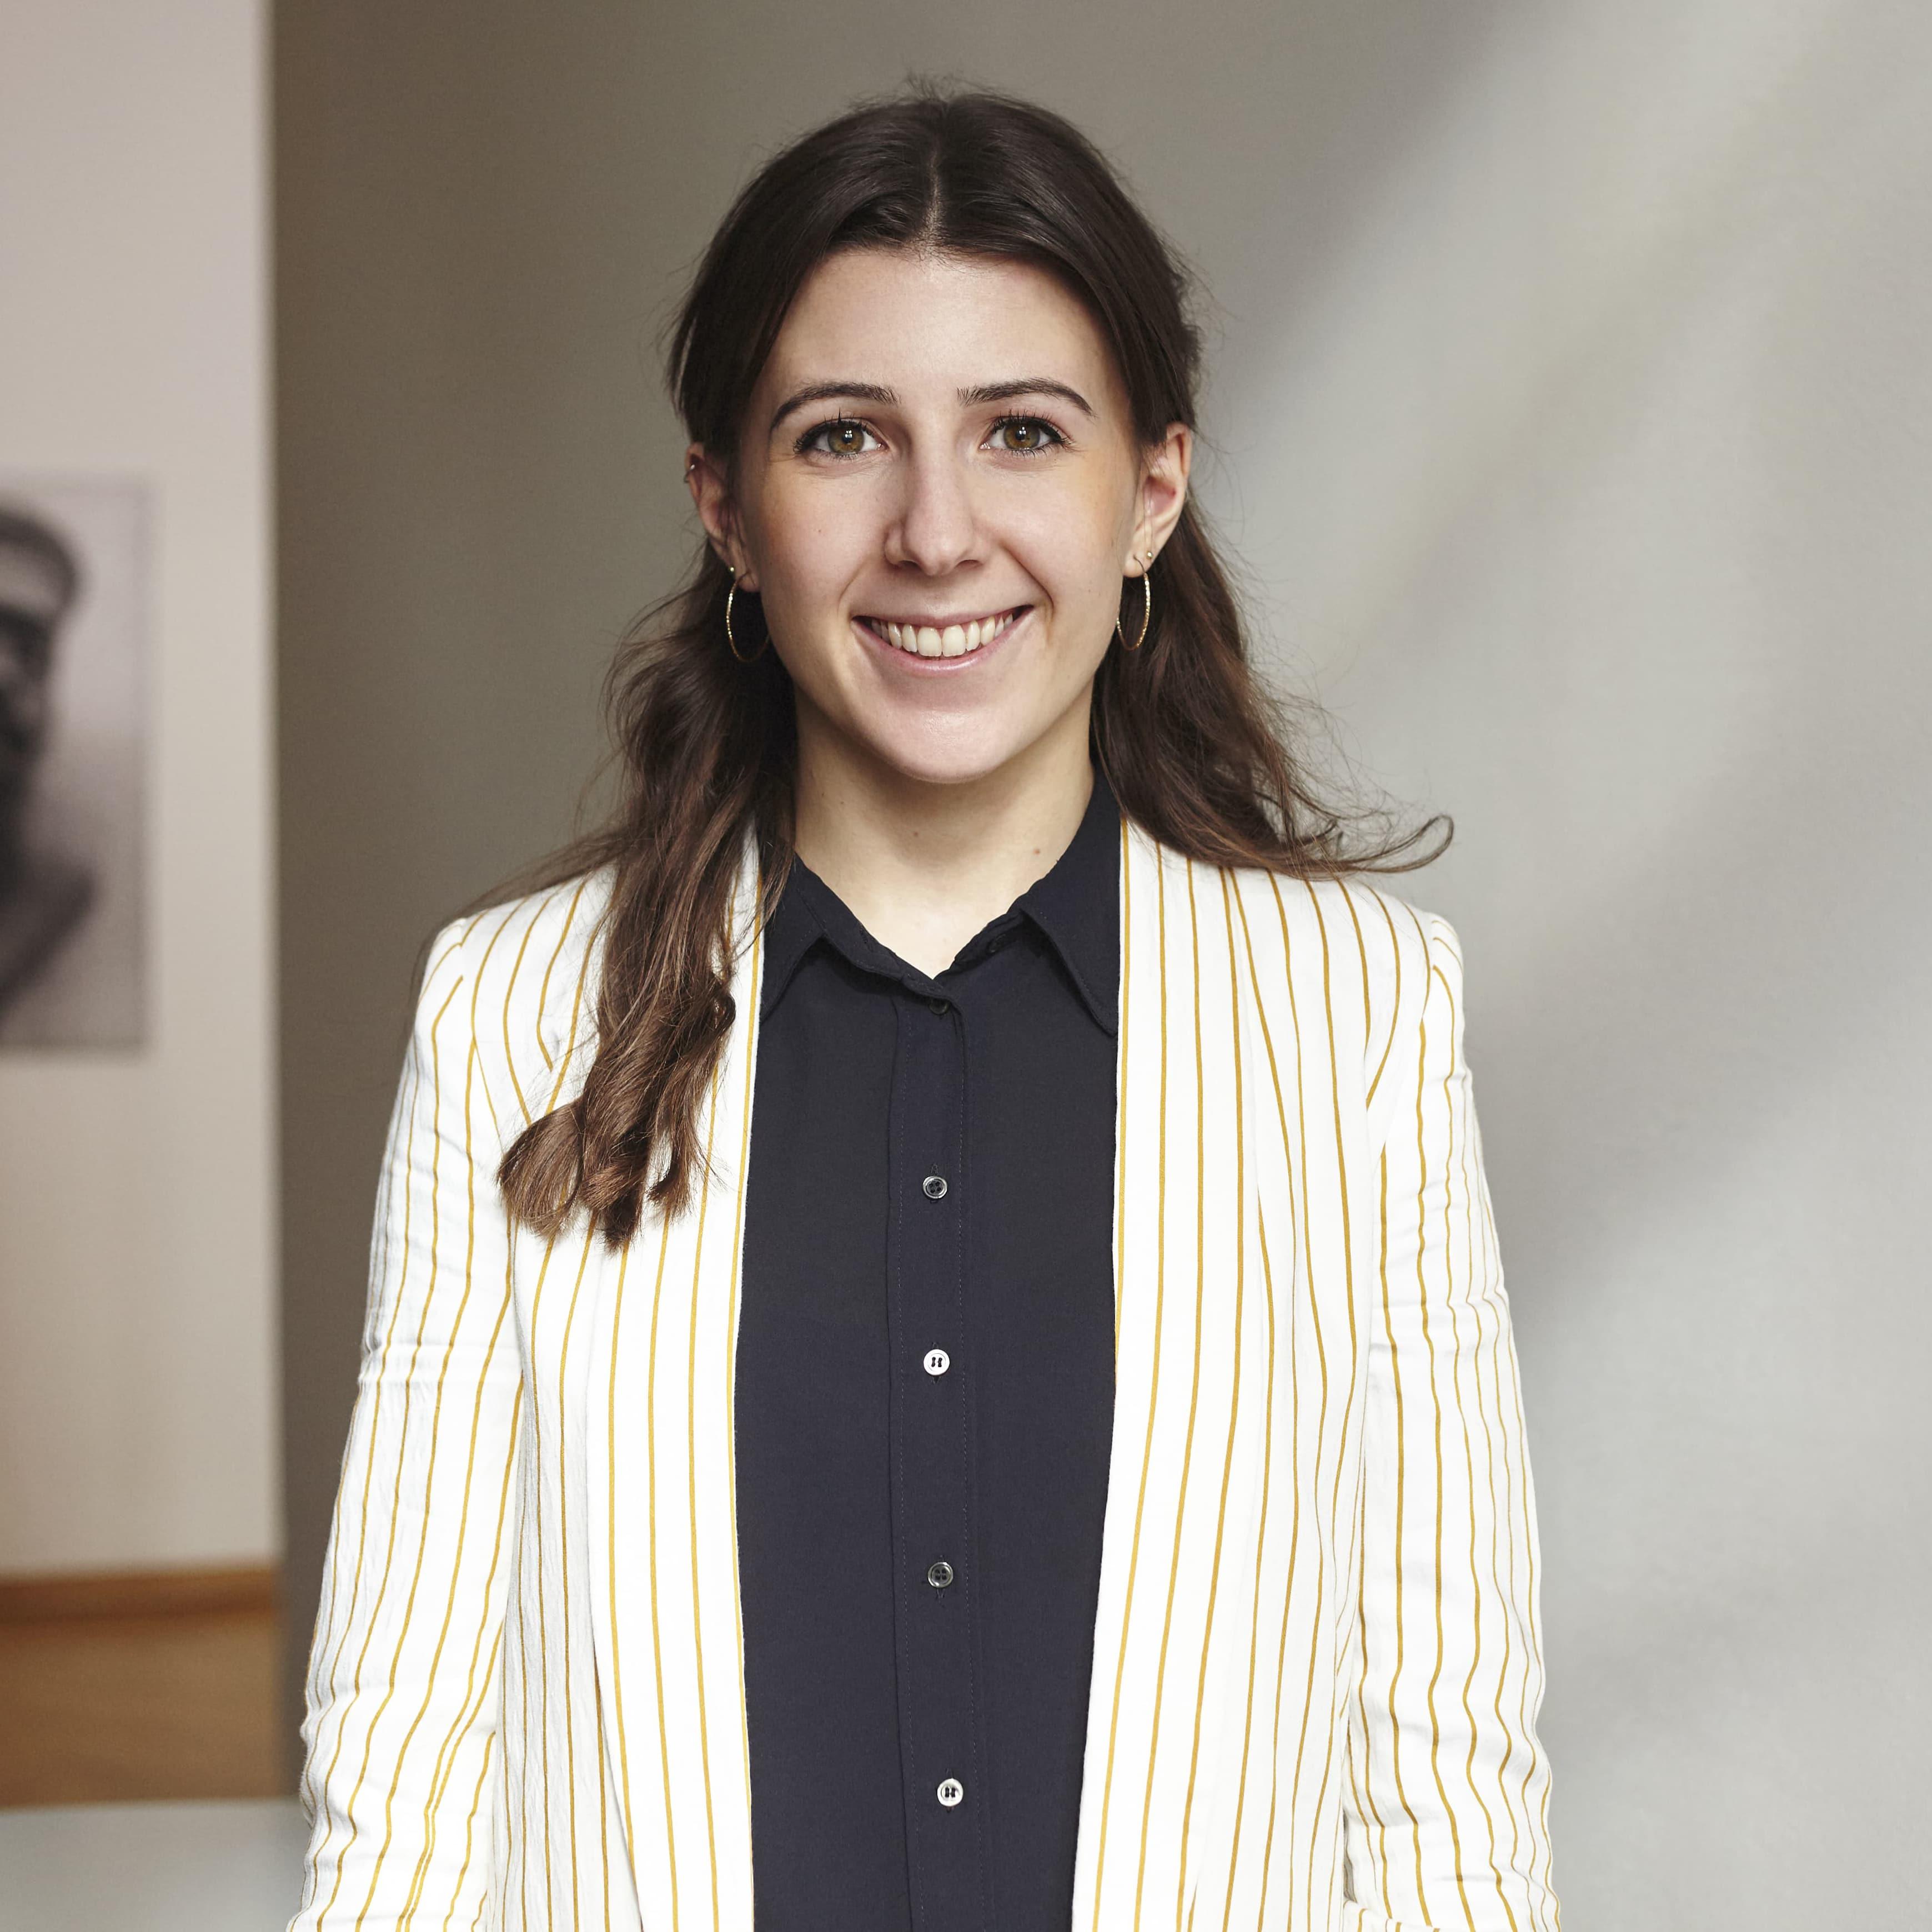 Luisa Apprich